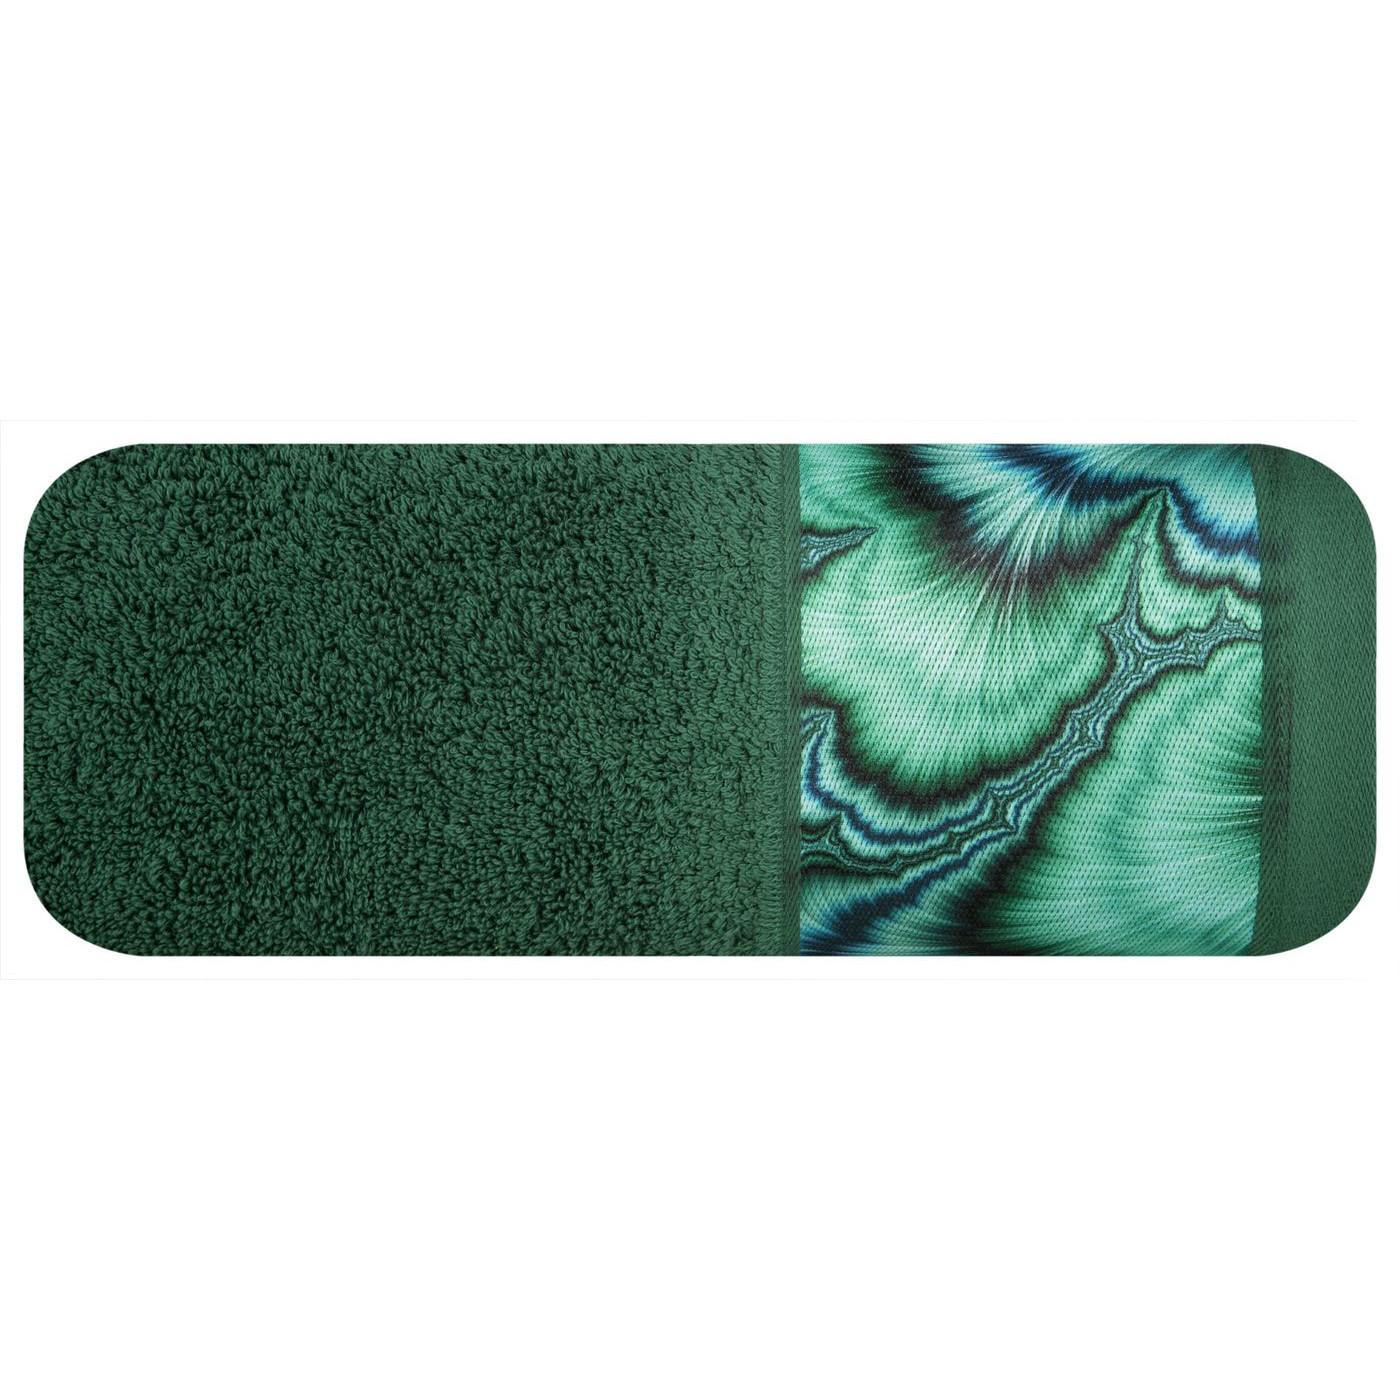 Zielony ręcznik kąpielowy - mój wybór Eva Minge 50x90 cm